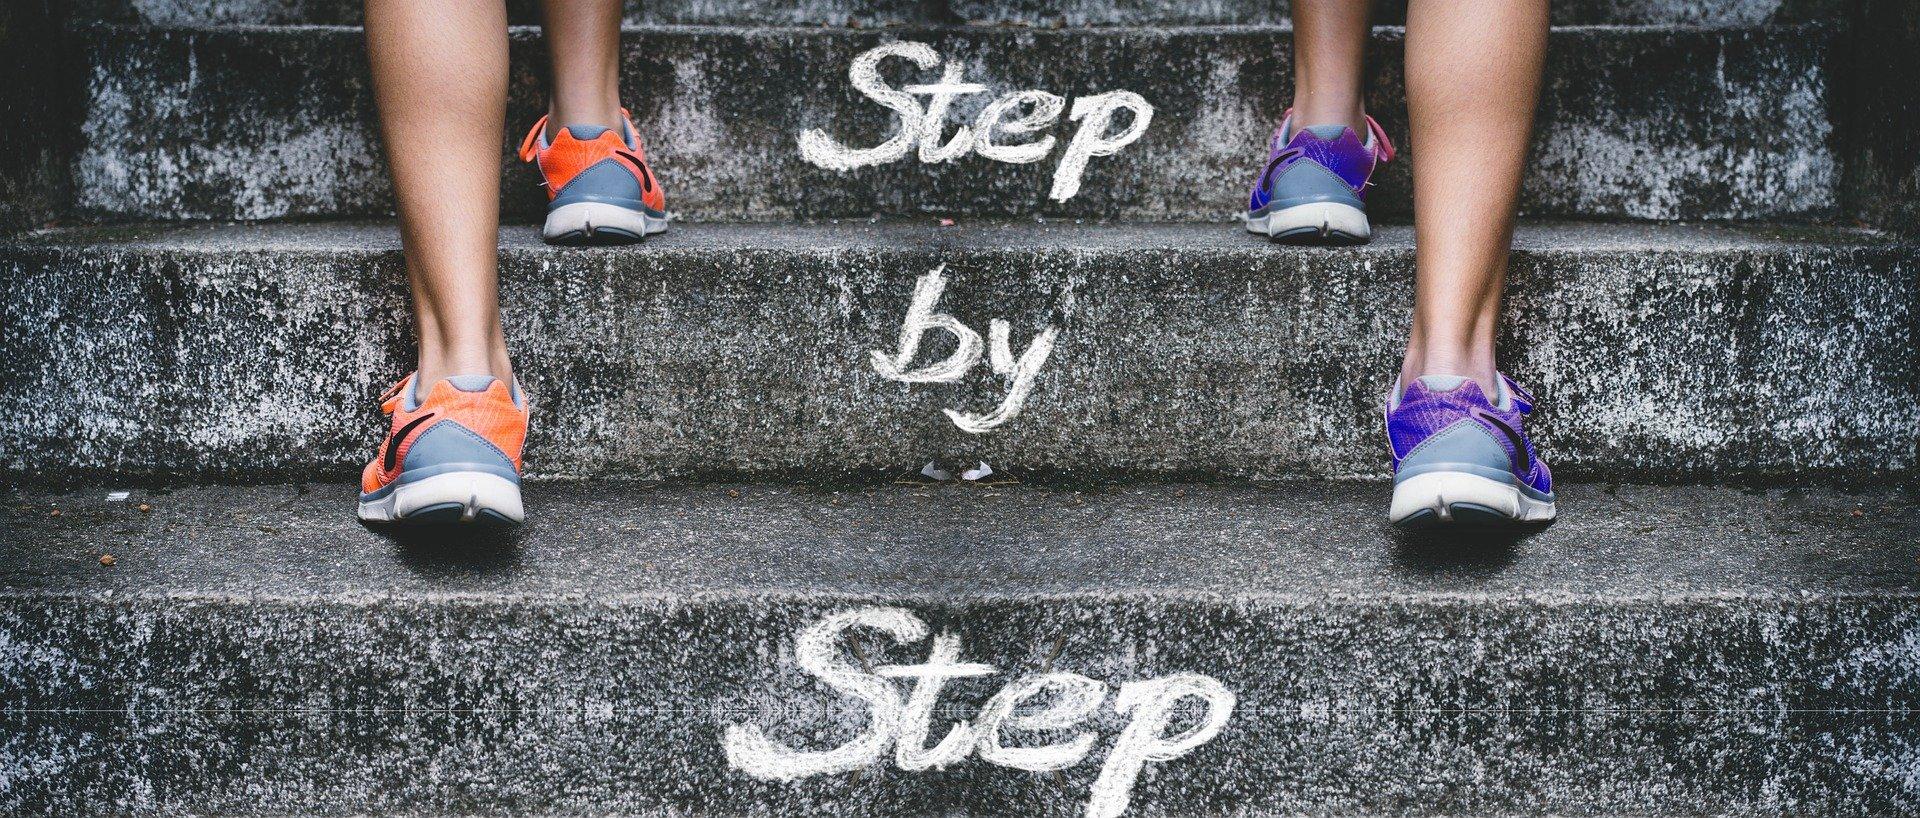 schody z motywującym hasłem